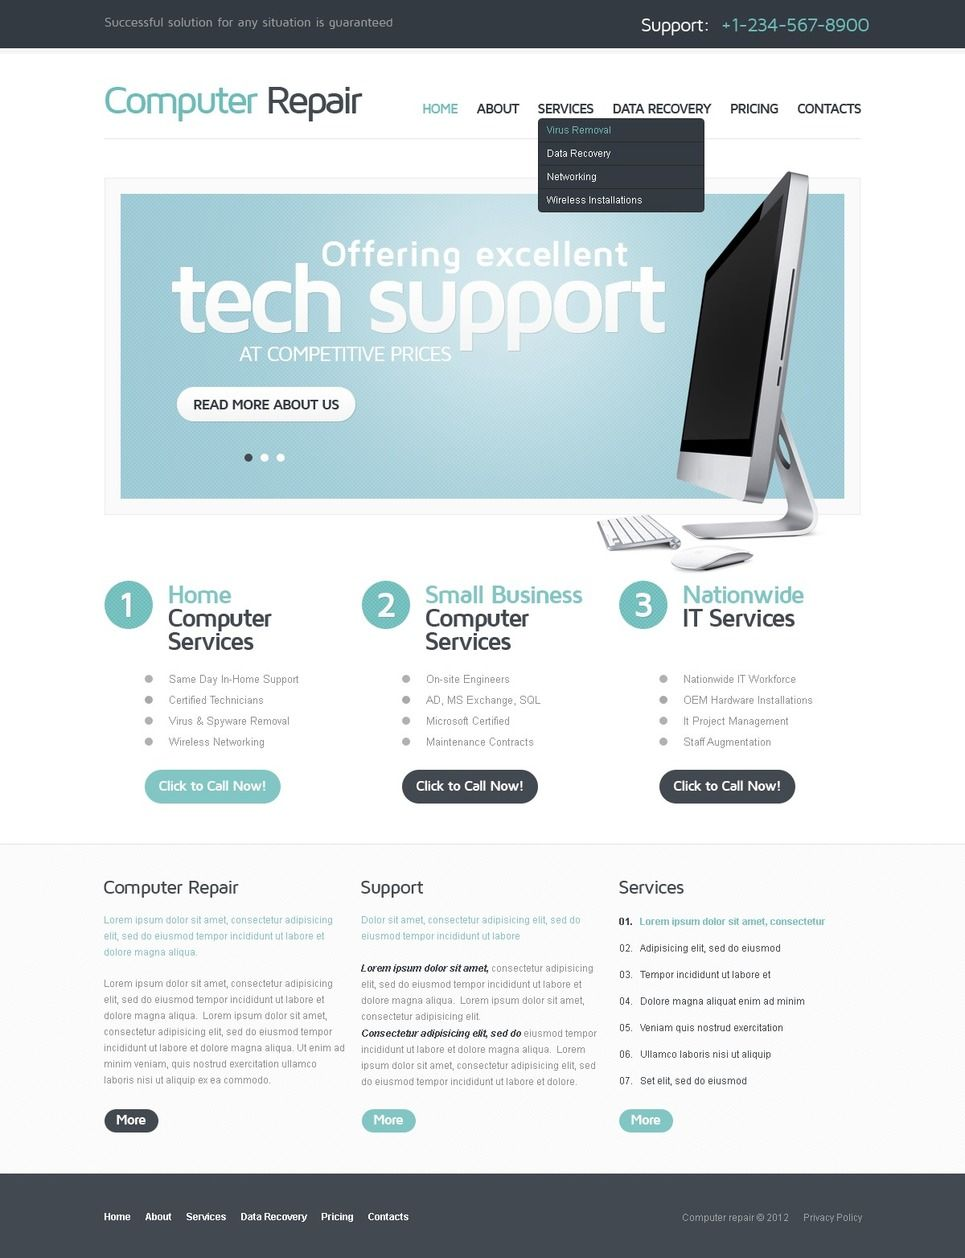 Computer Repair Website Template 39680 Computer Repair